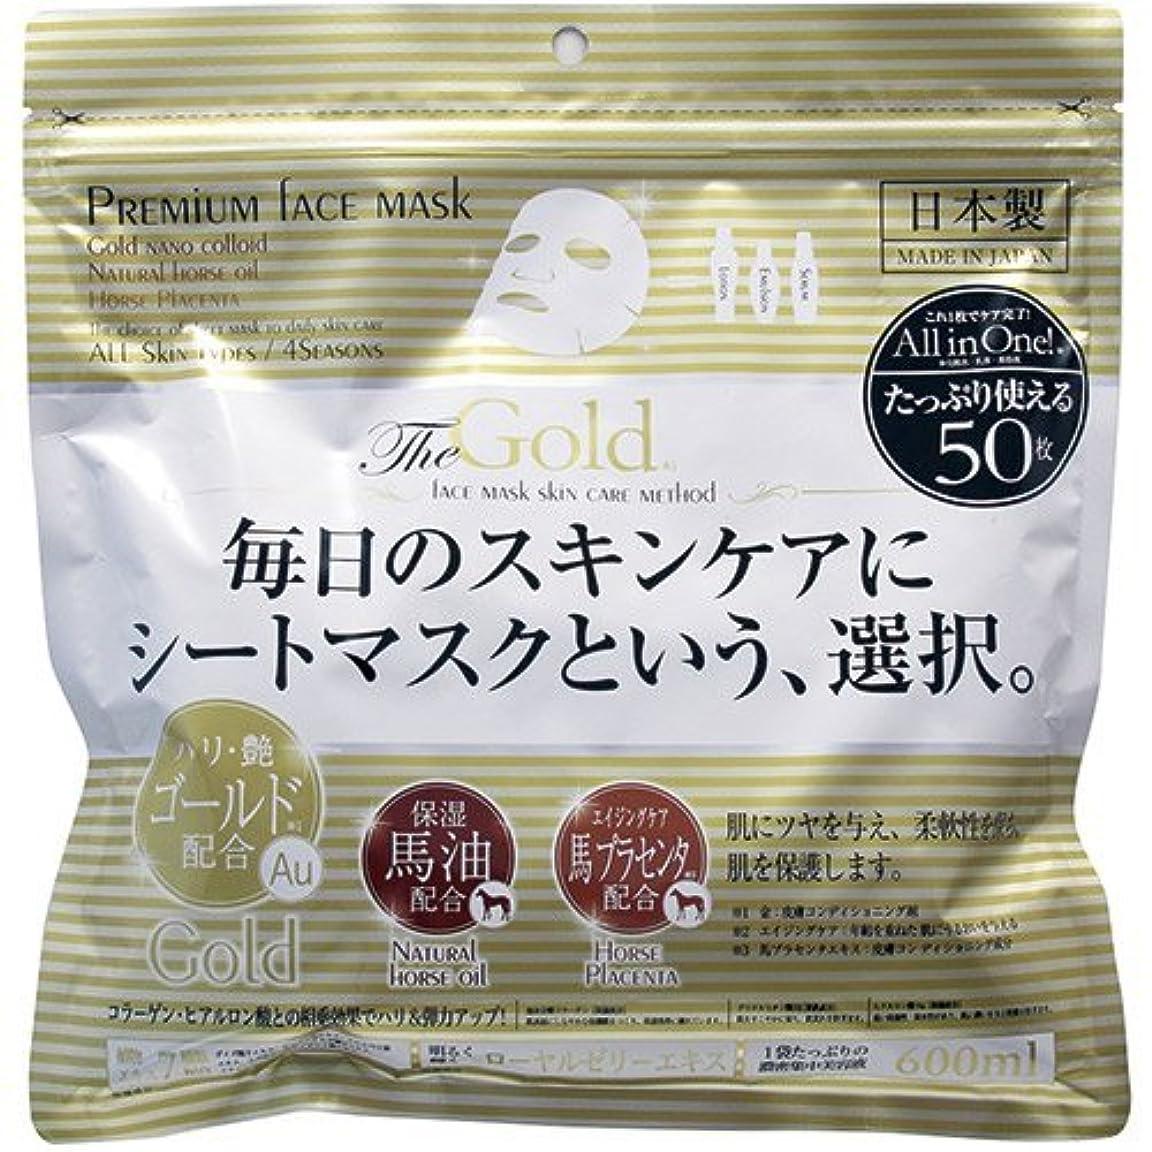 昨日支払いアーティスト【進製作所】プレミアムフェイスマスク ゴールド 50枚 ×3個セット